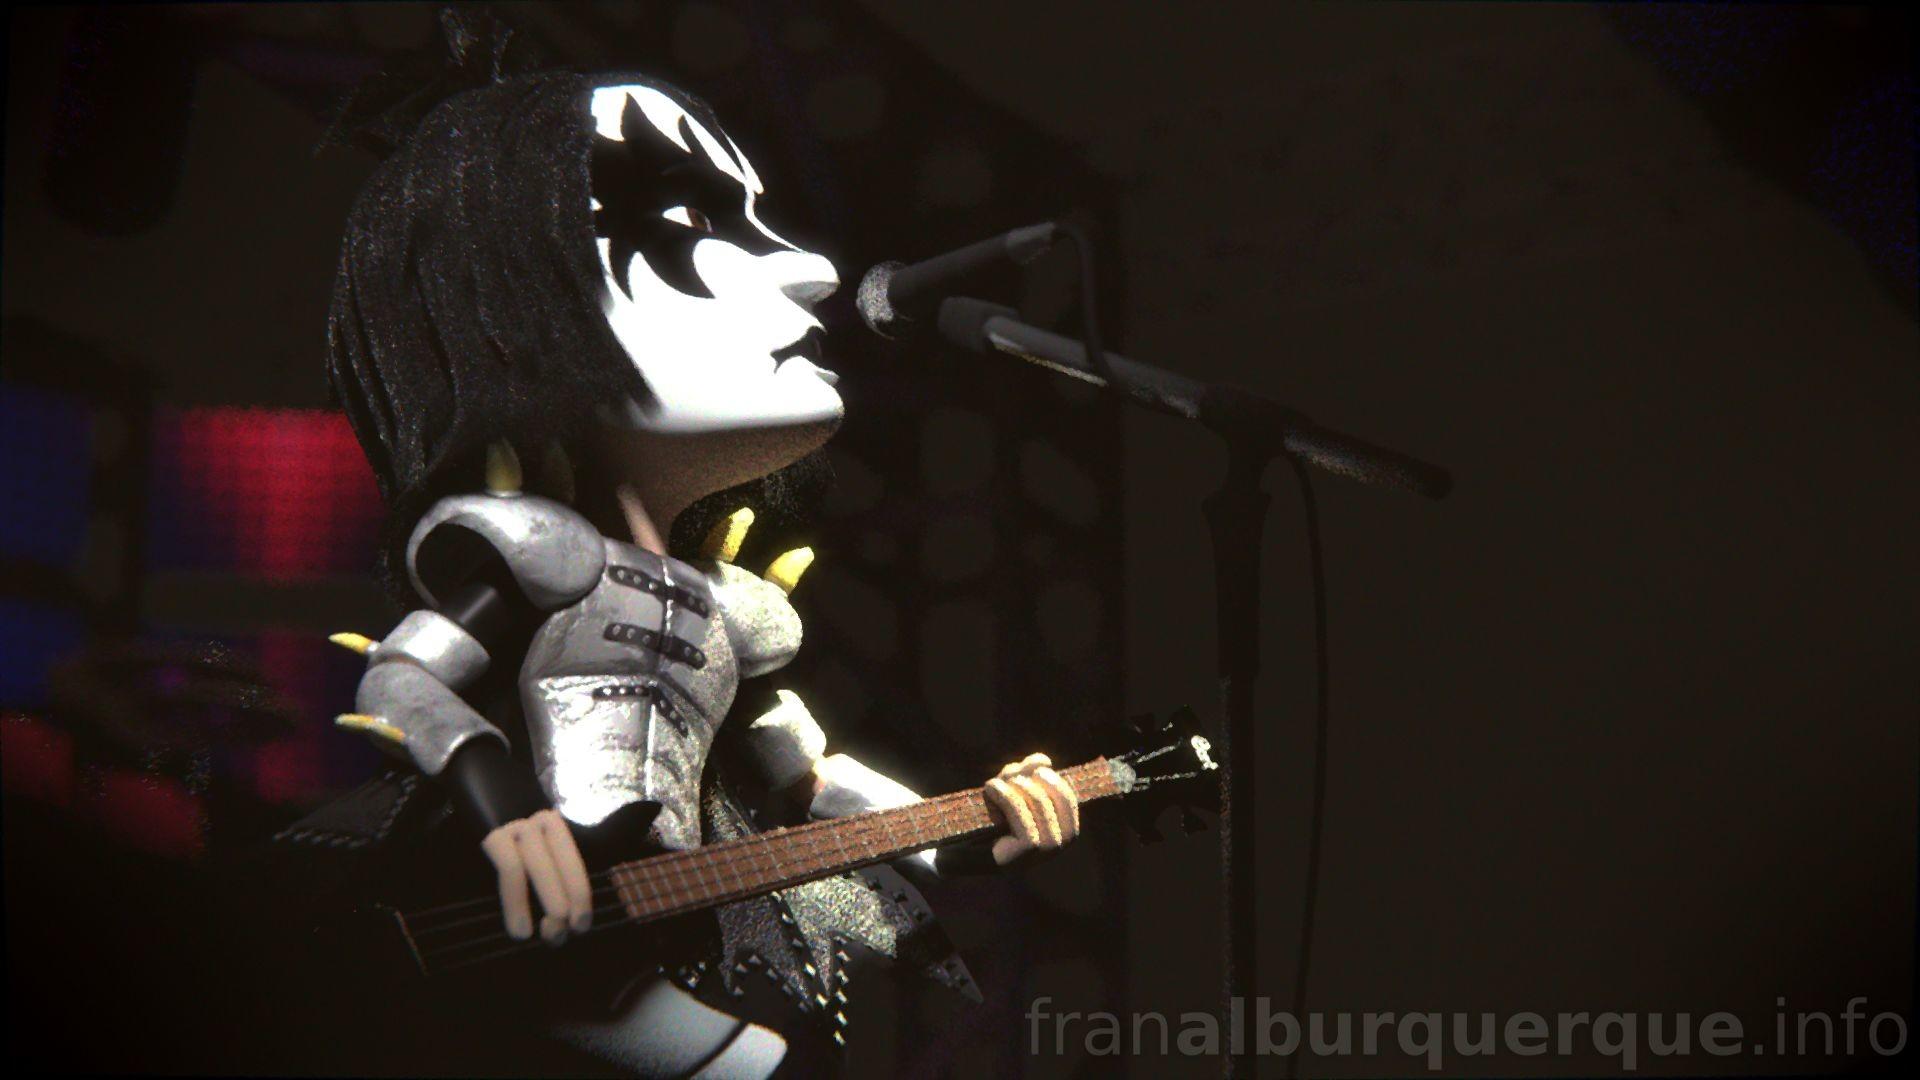 Fran alburquerque 3d kiss 06